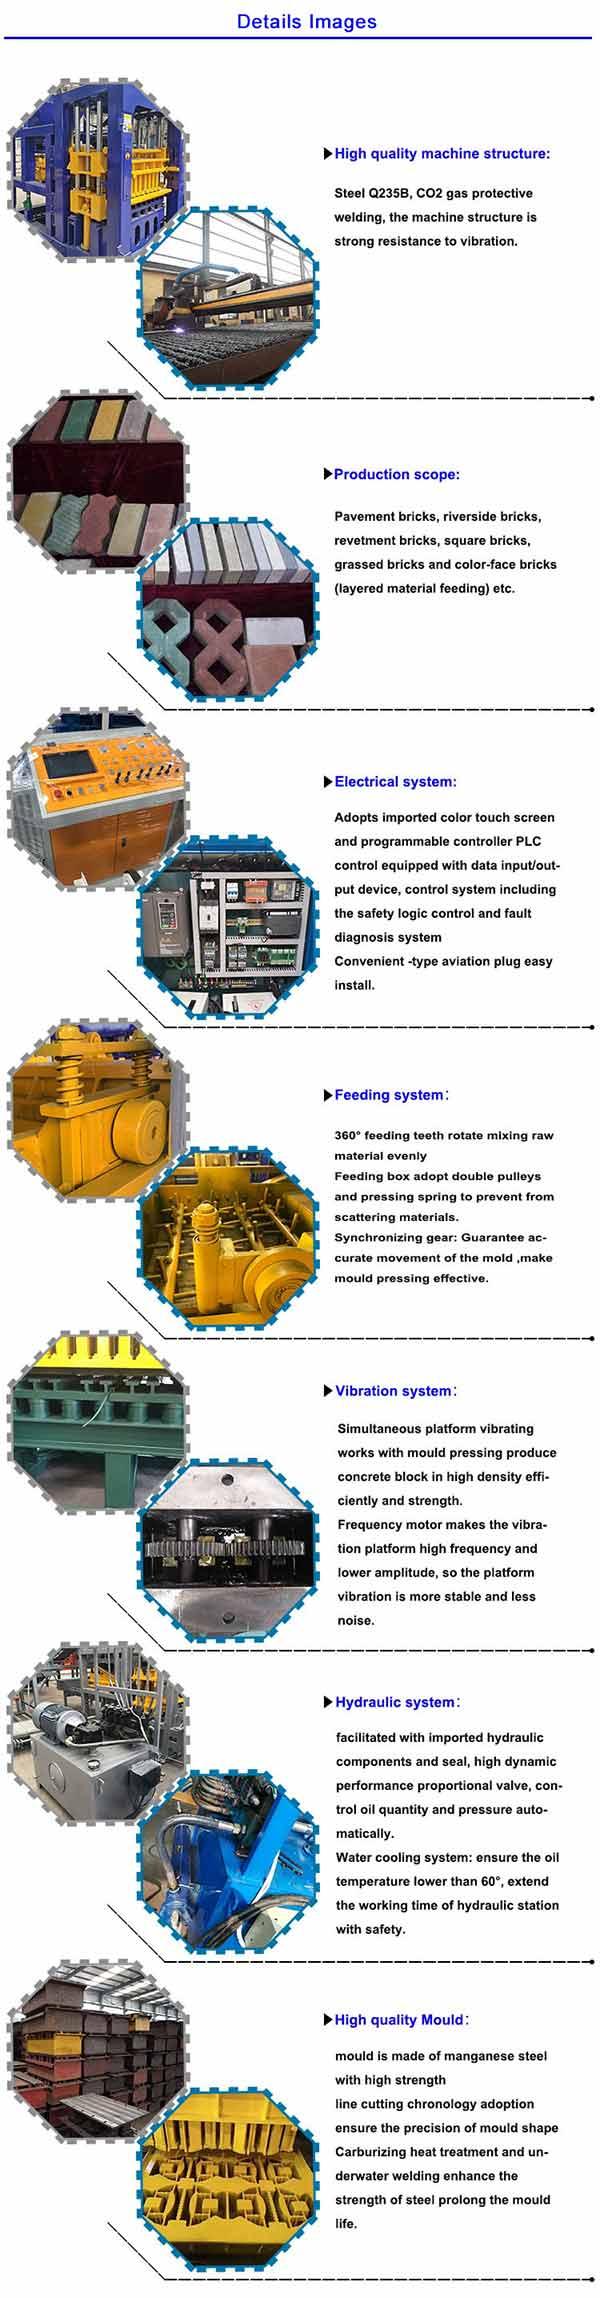 Automatic Bricks Machines QT 8-15 Pavement Block Making Machine For Sale Concrete Mold